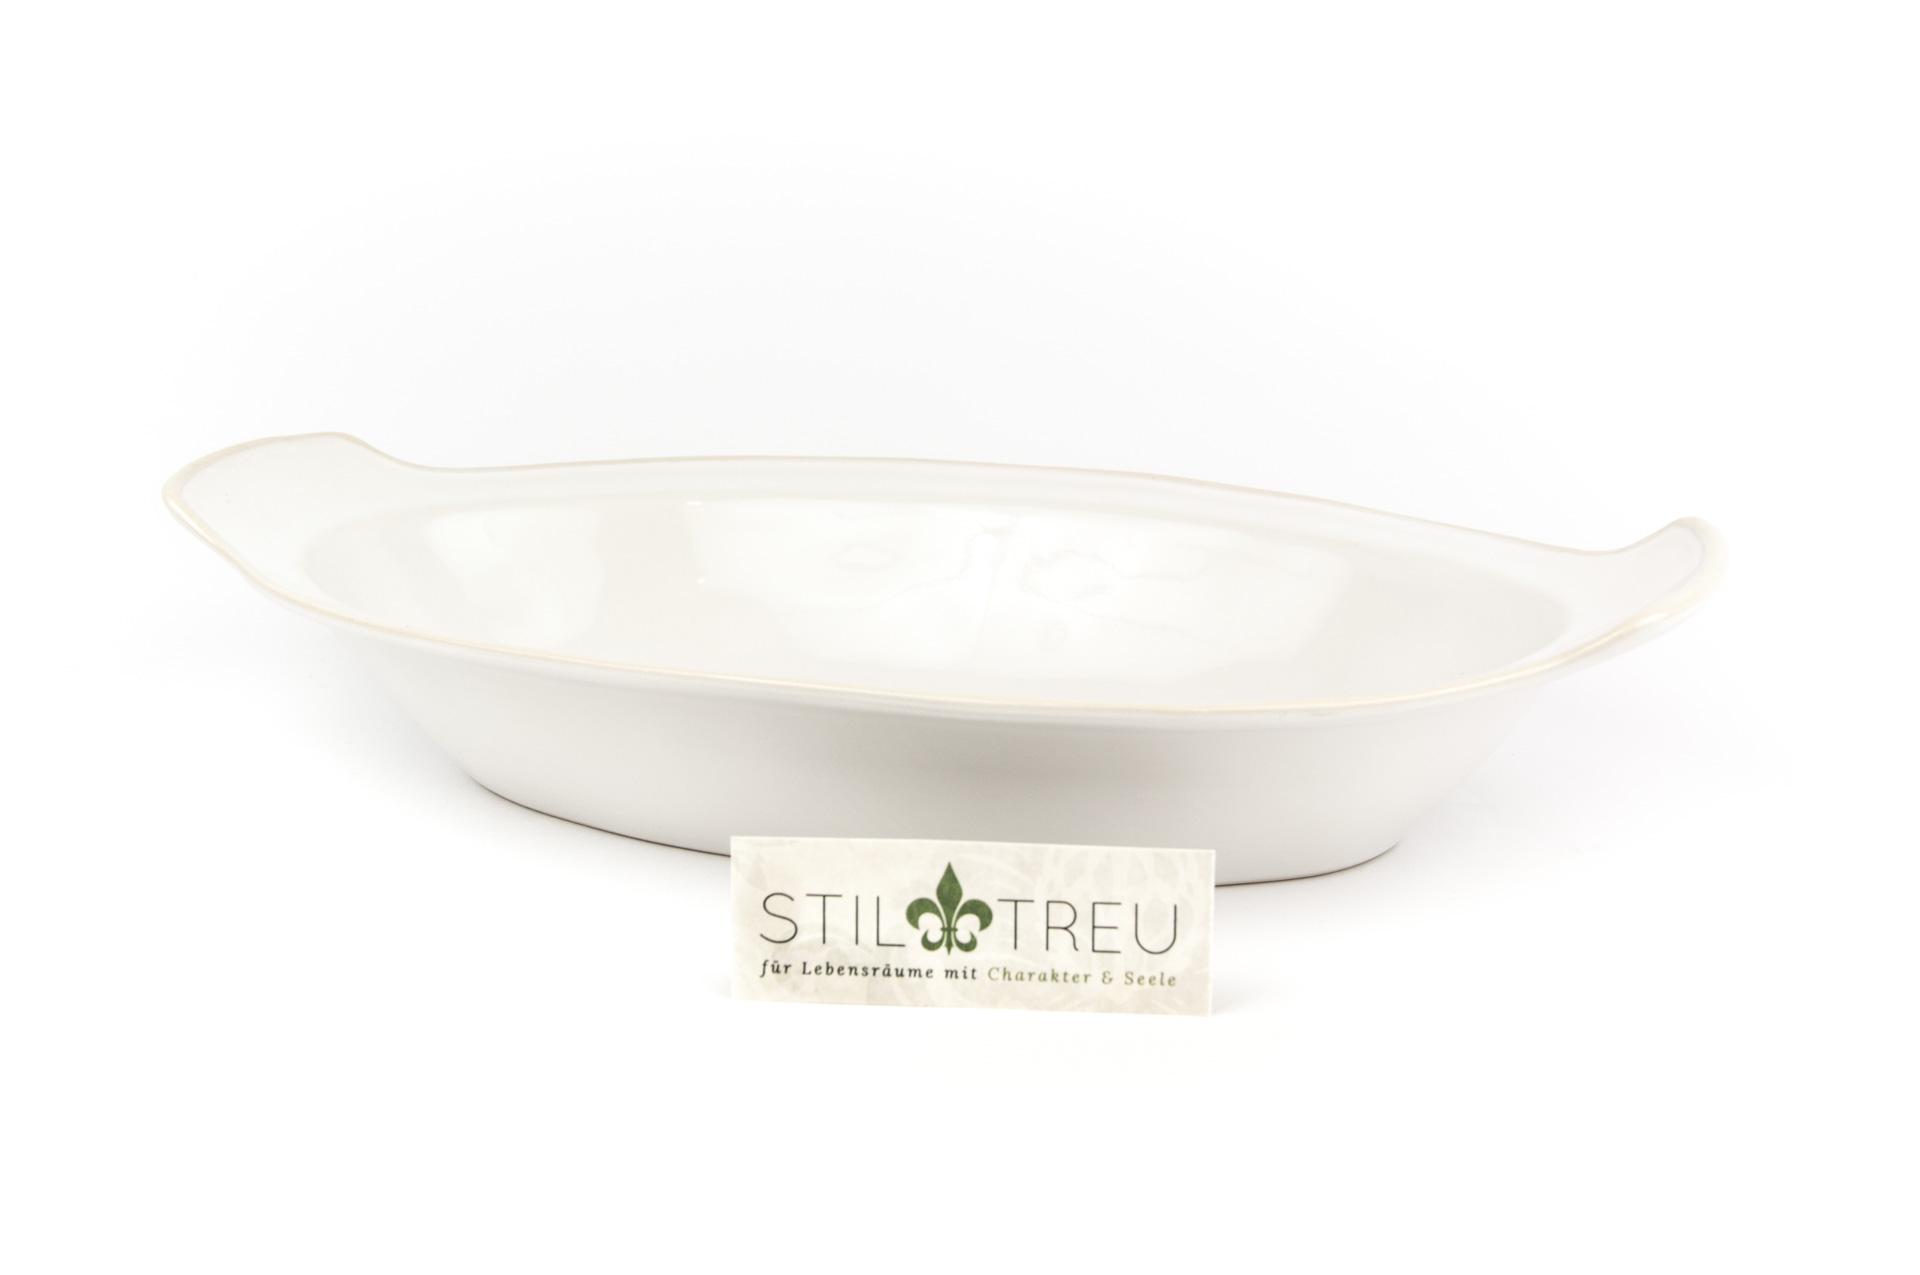 Gratinschale Astoria oval, weiß, 33 cm